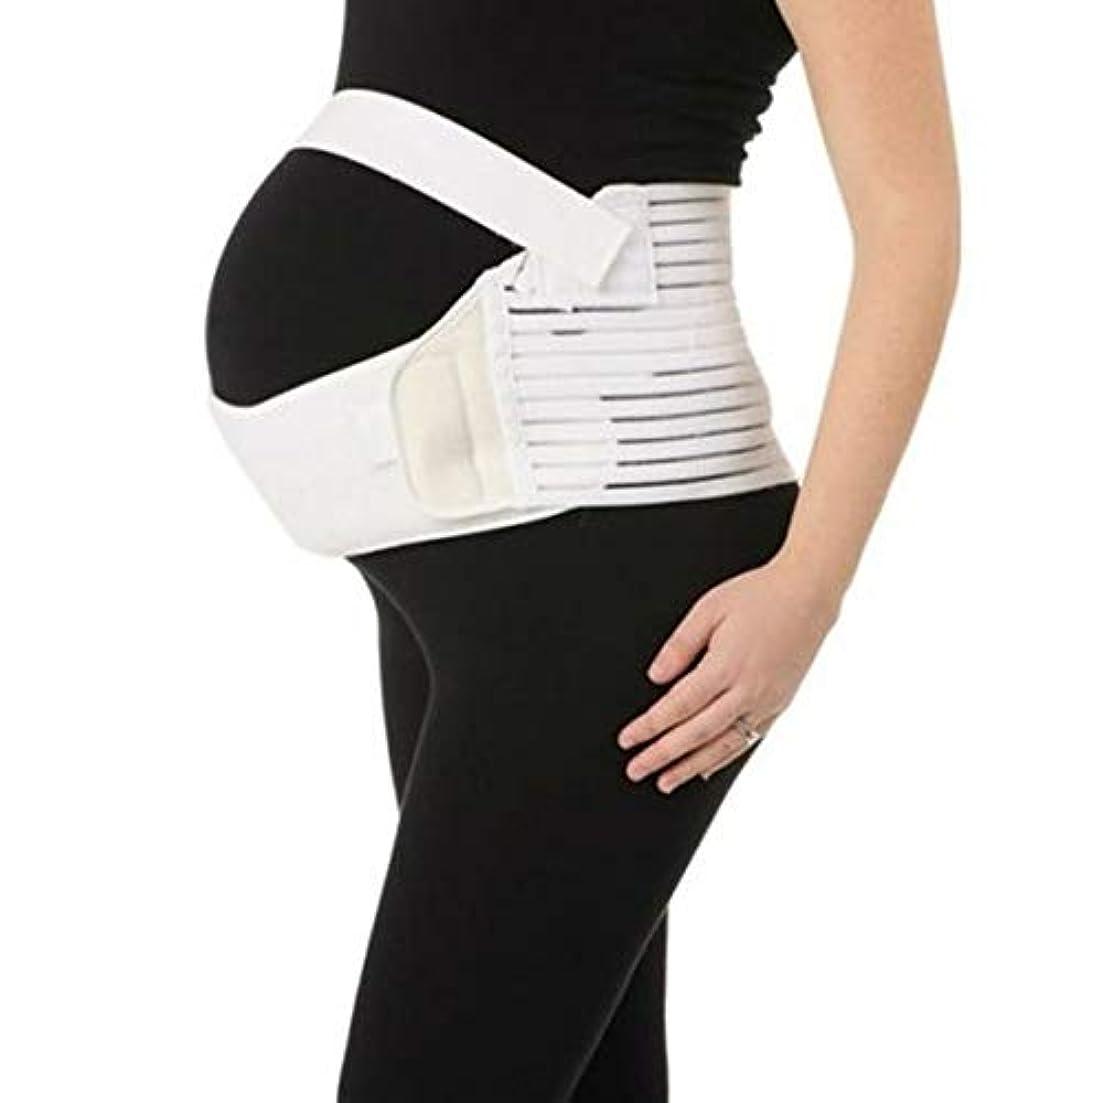 ハードウェア電信トチの実の木通気性産科ベルト妊娠腹部サポート腹部バインダーガードル運動包帯産後の回復形状ウェア - ホワイトM